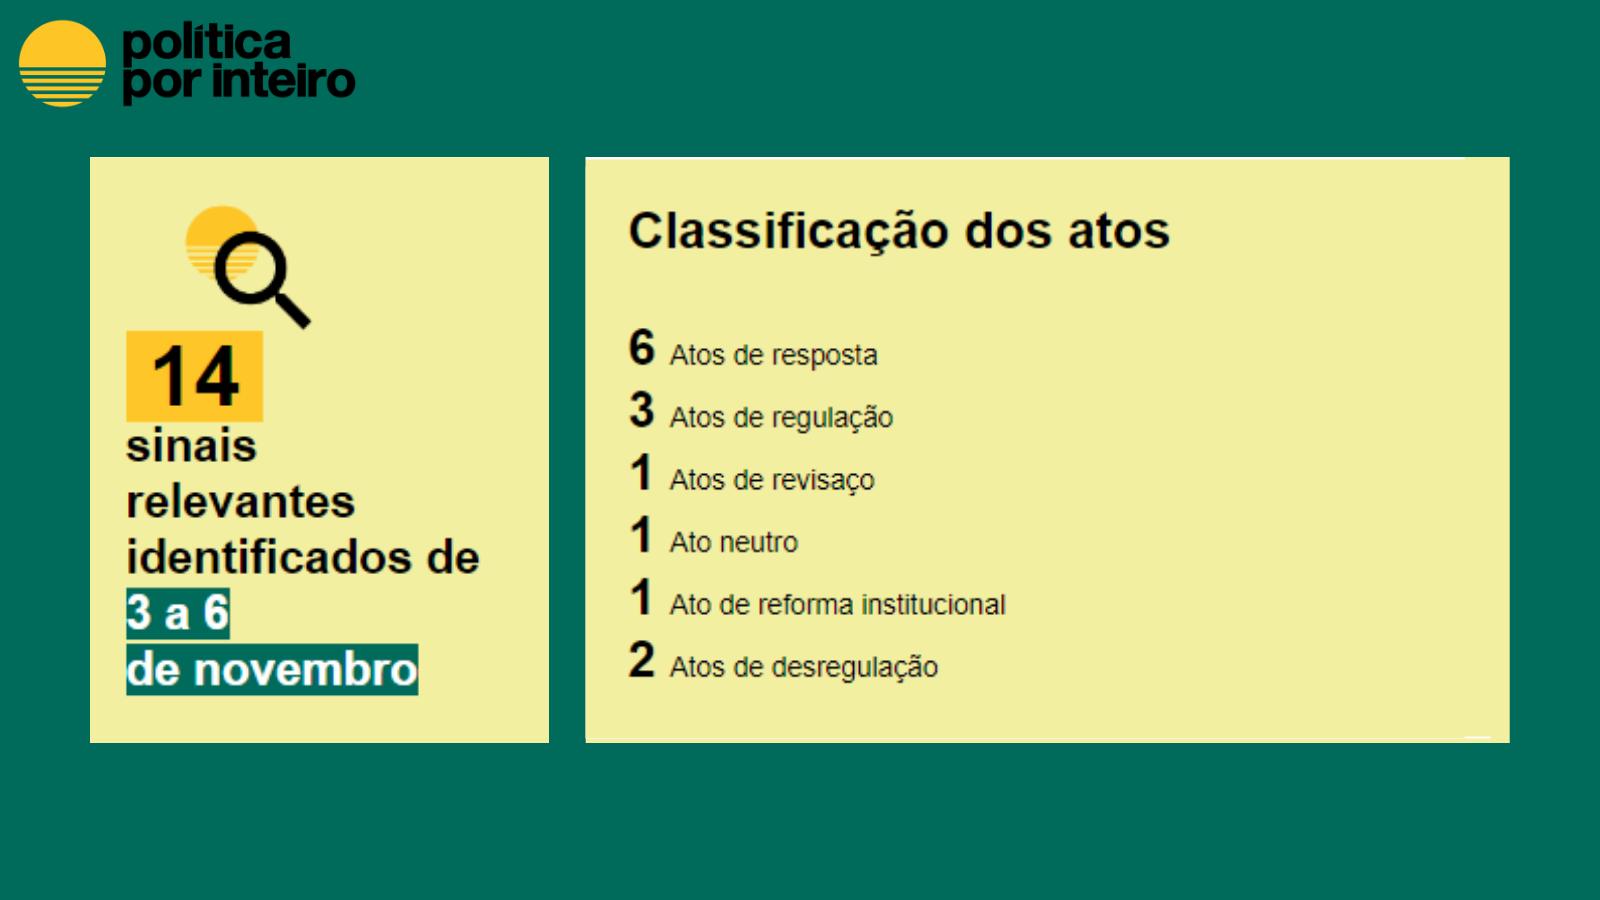 14 atos captados de 3 a 6 de novembro: Resposta (6), Regulação (3), Revisaço (1), Neutro (1), Reforma Institucional (1) e Desregulação (2)